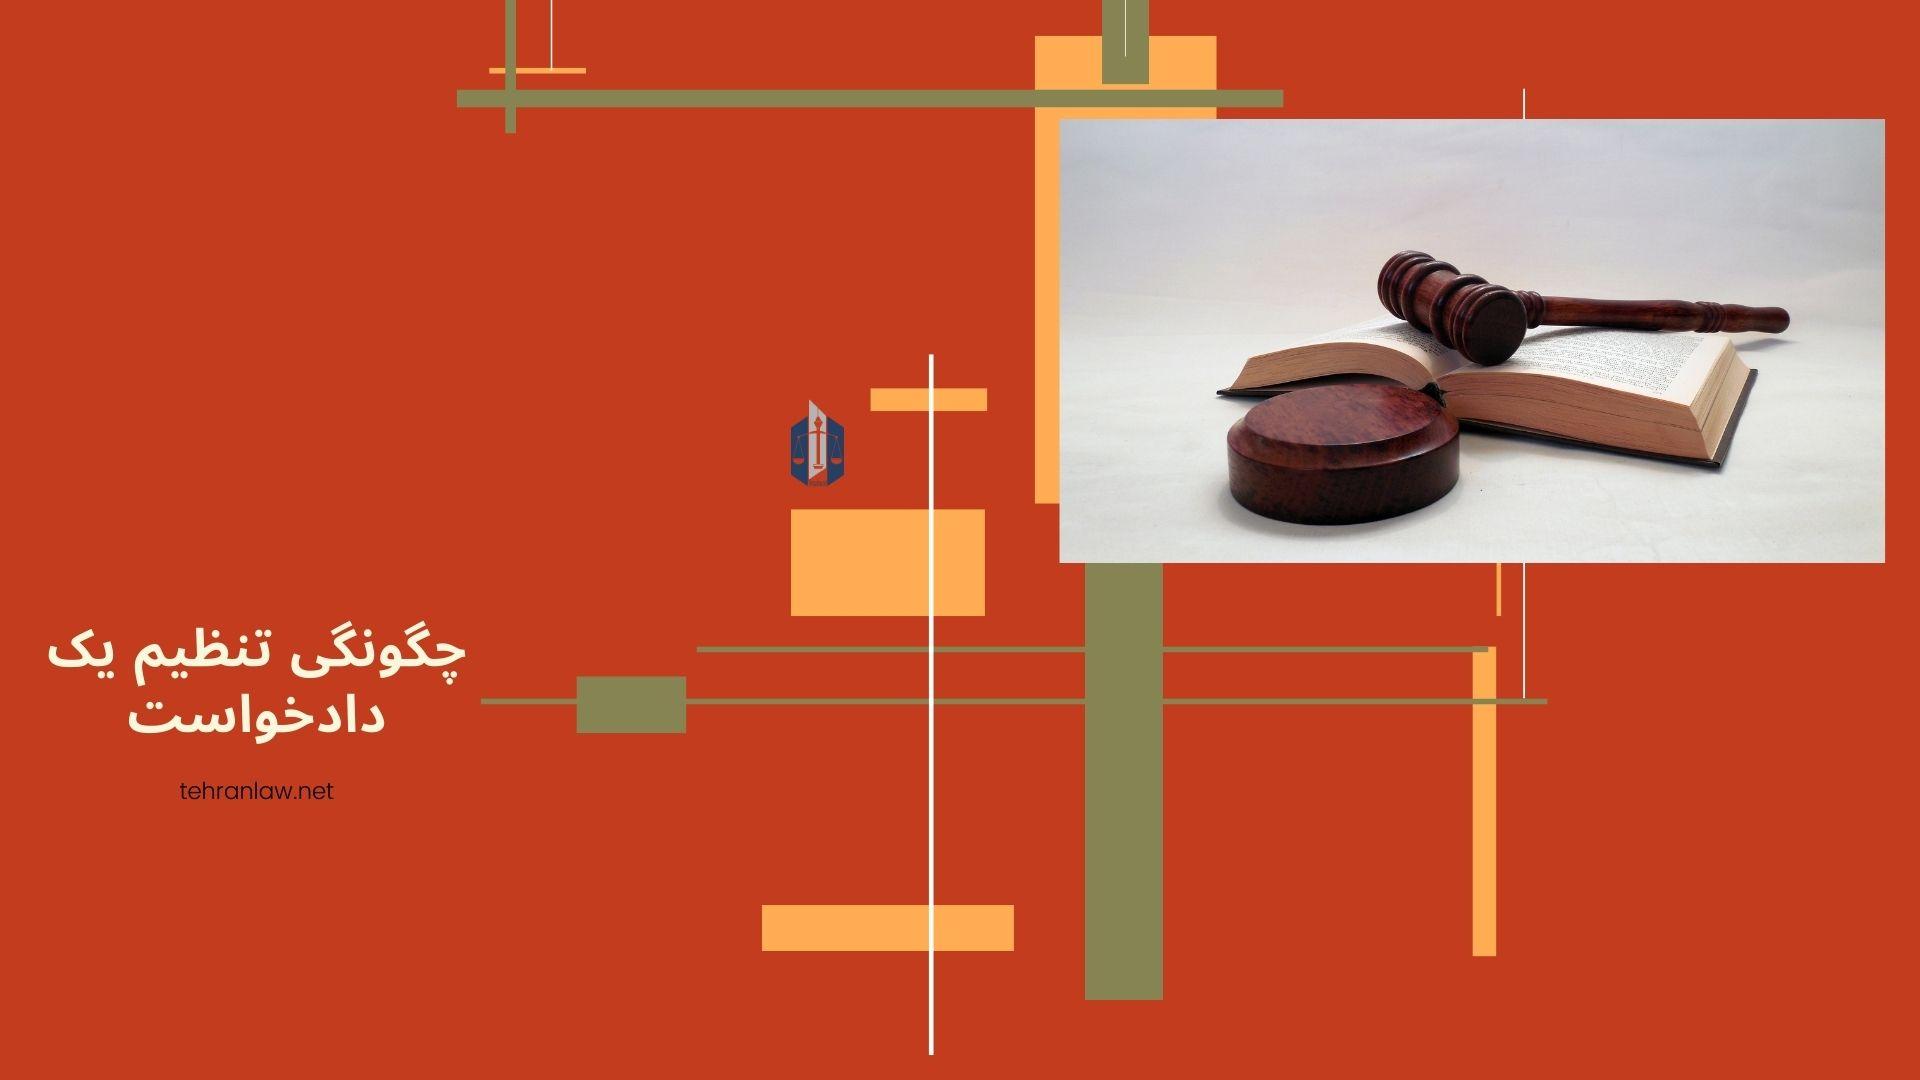 چگونگی تنظیم یک دادخواست